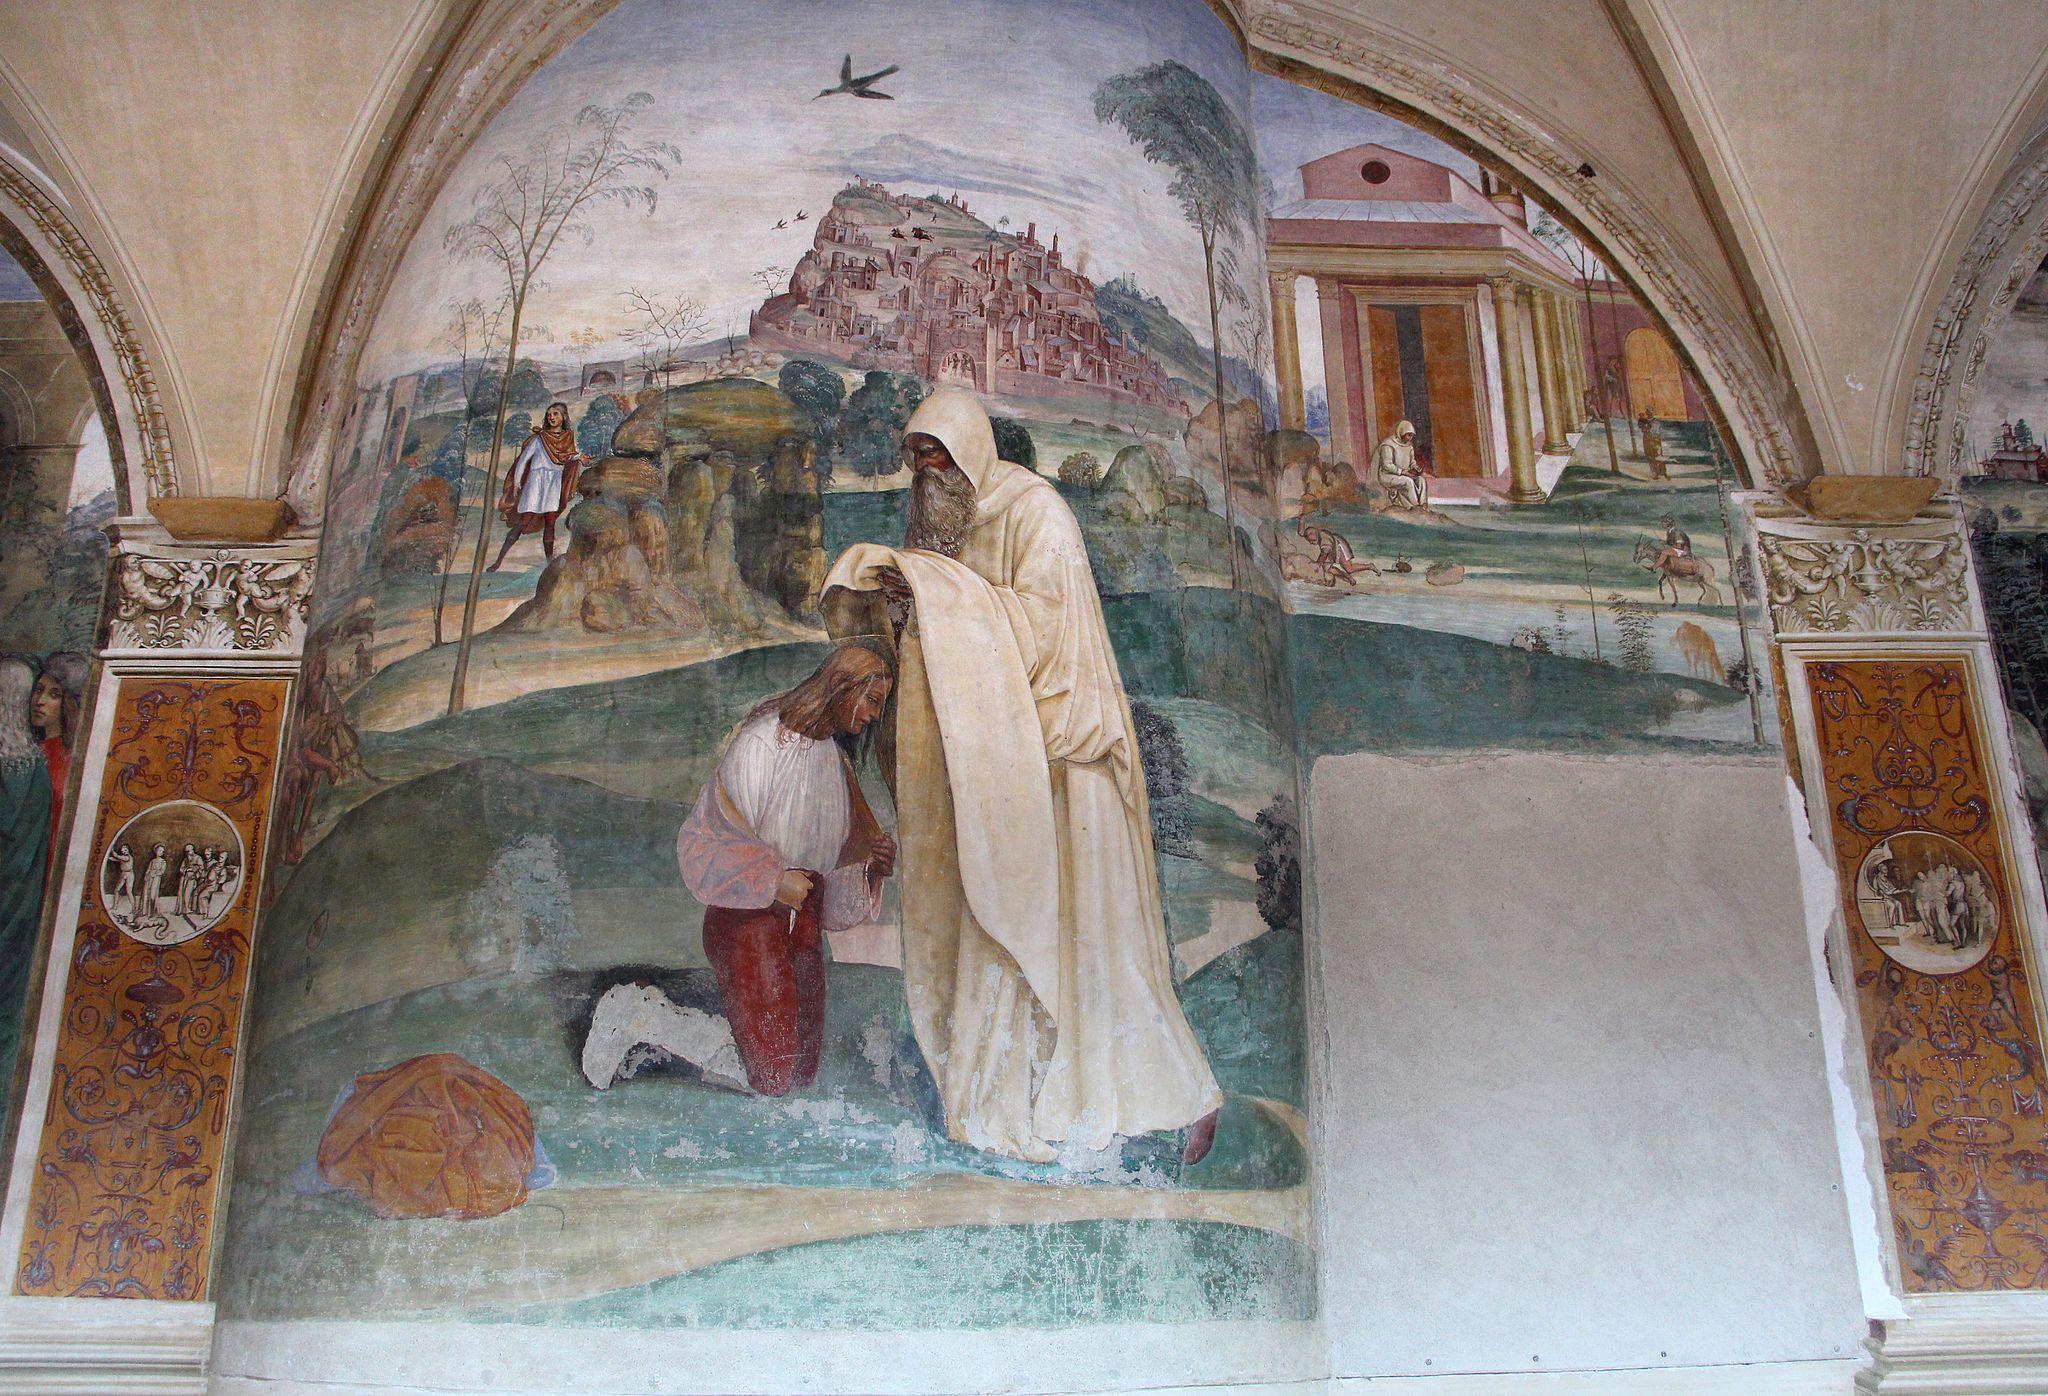 Storie di s. benedetto, 04 sodoma - Come Romano monaco da lo abito eremitico a Benedetto 01